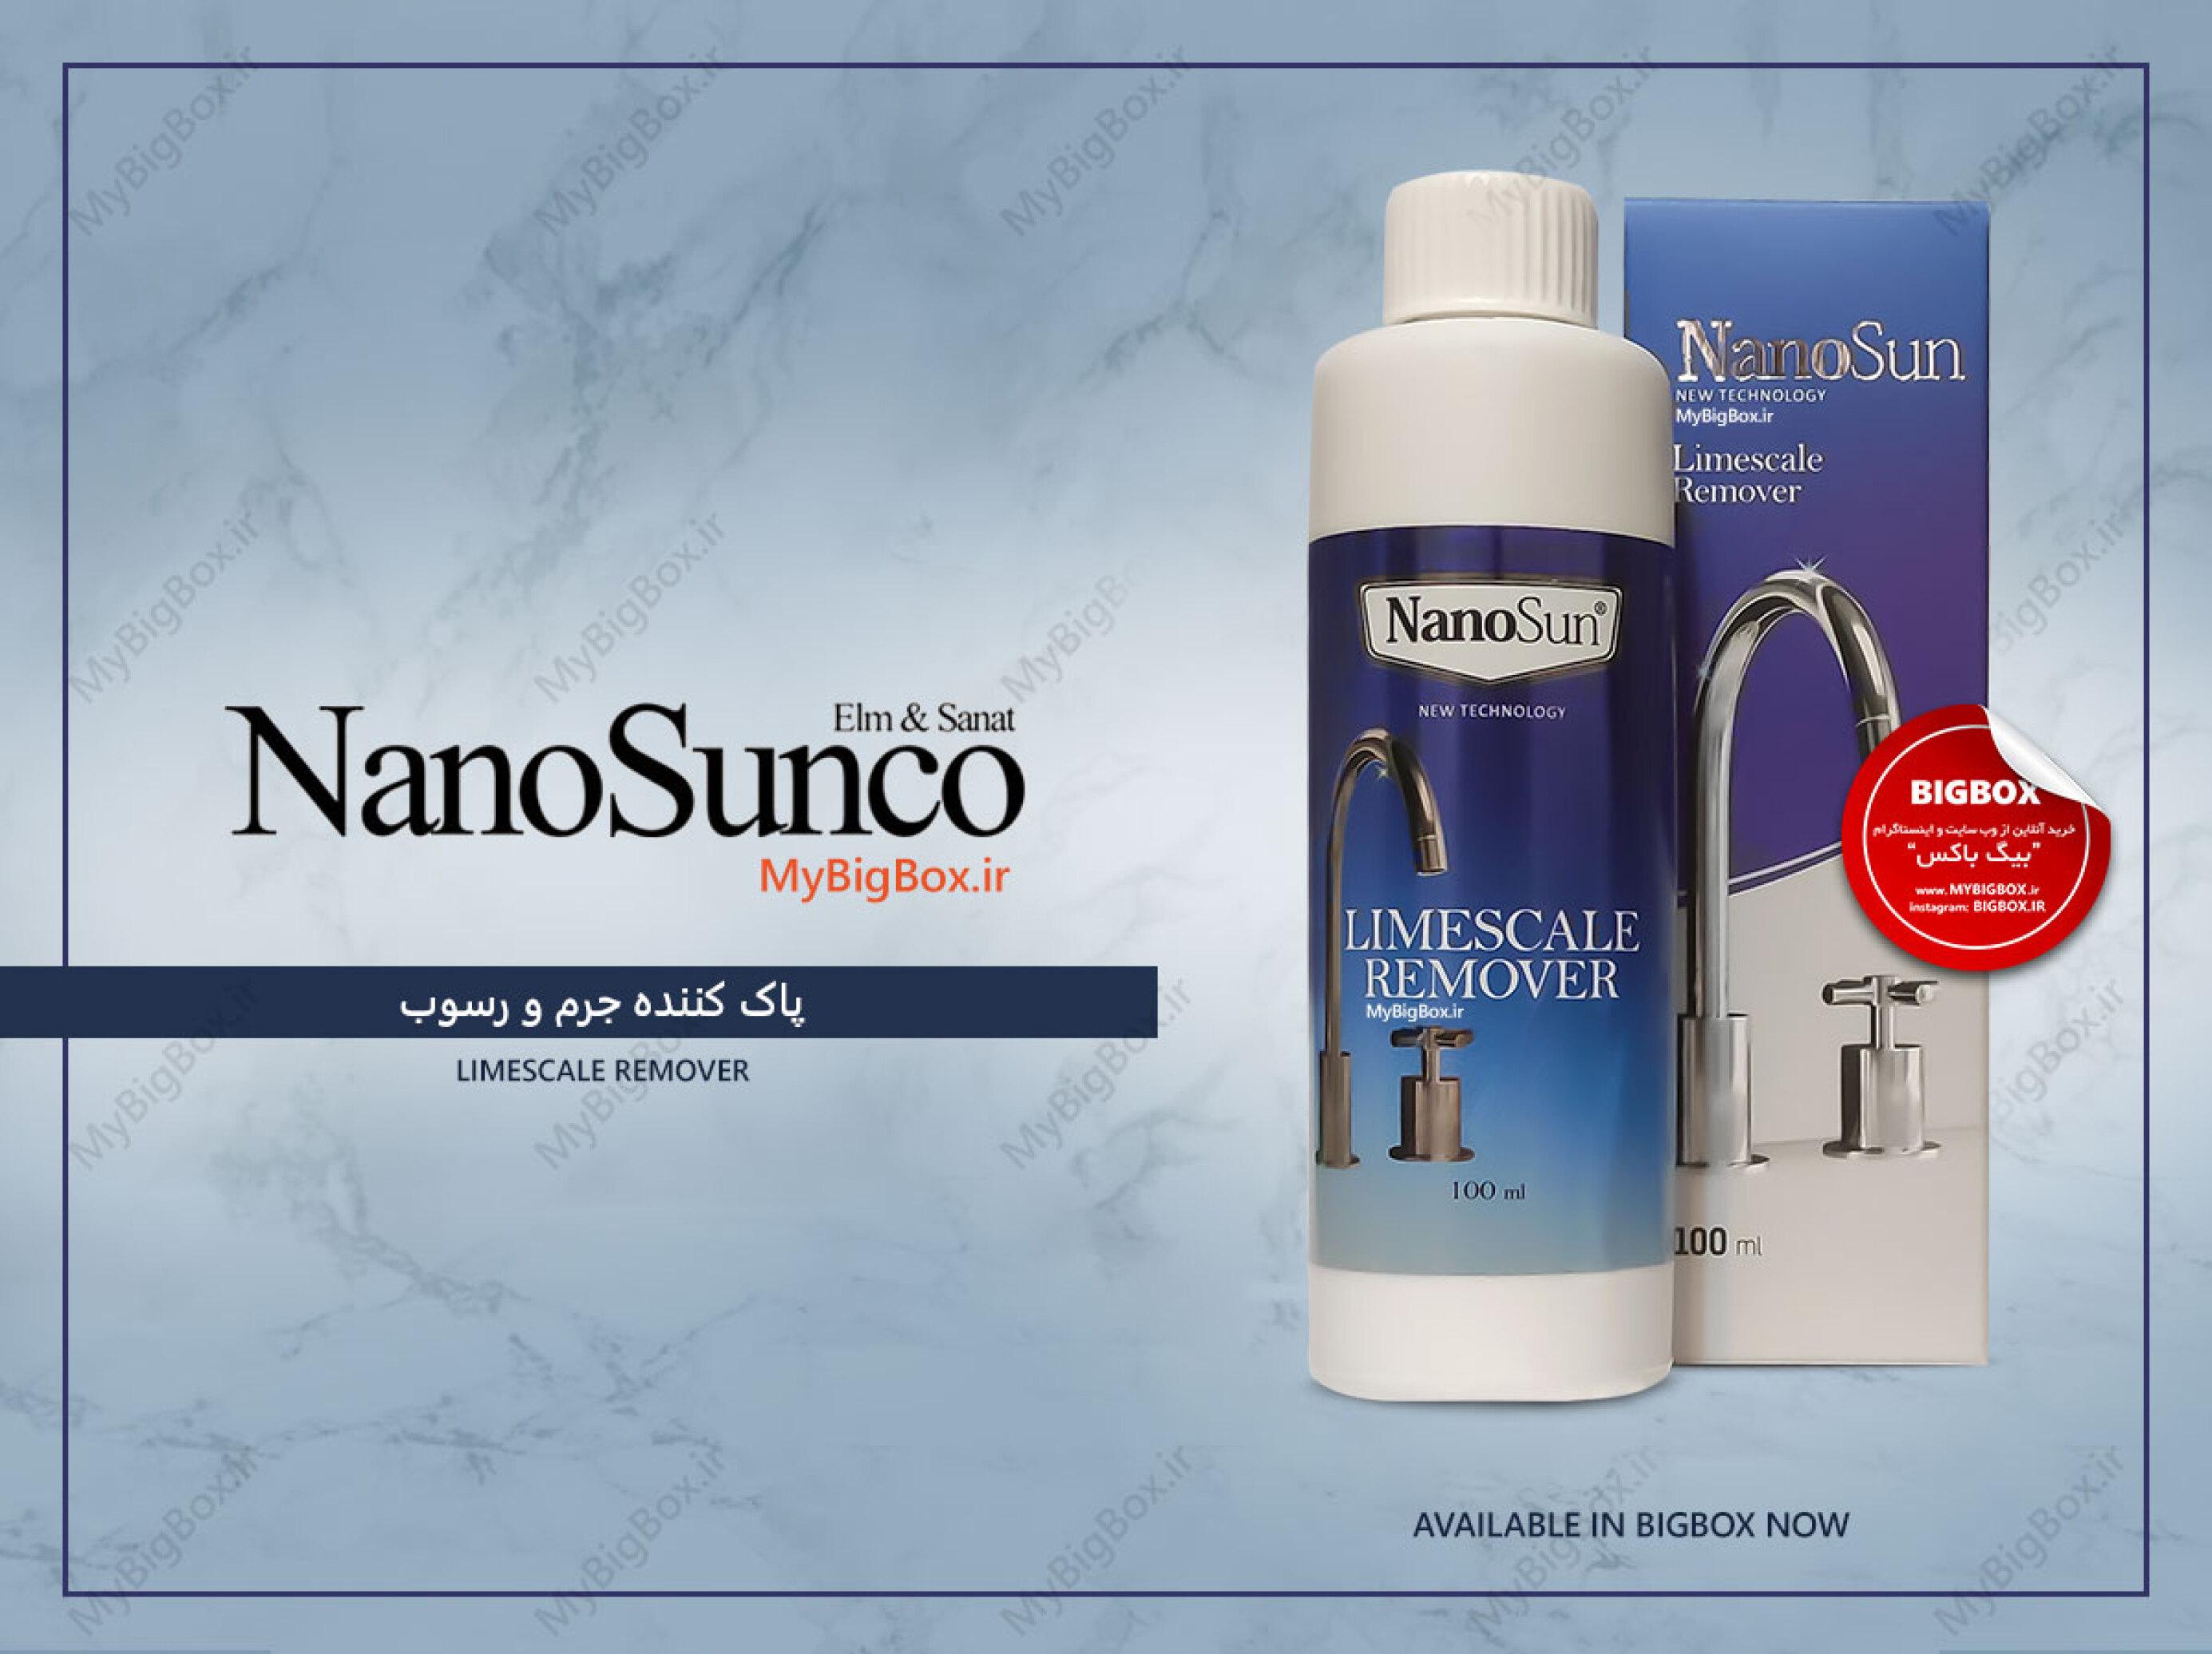 پاک کننده جرم و رسوب شیرآلات نانوسان حجم 100 میلی لیتر NanoSun Limescale Remover